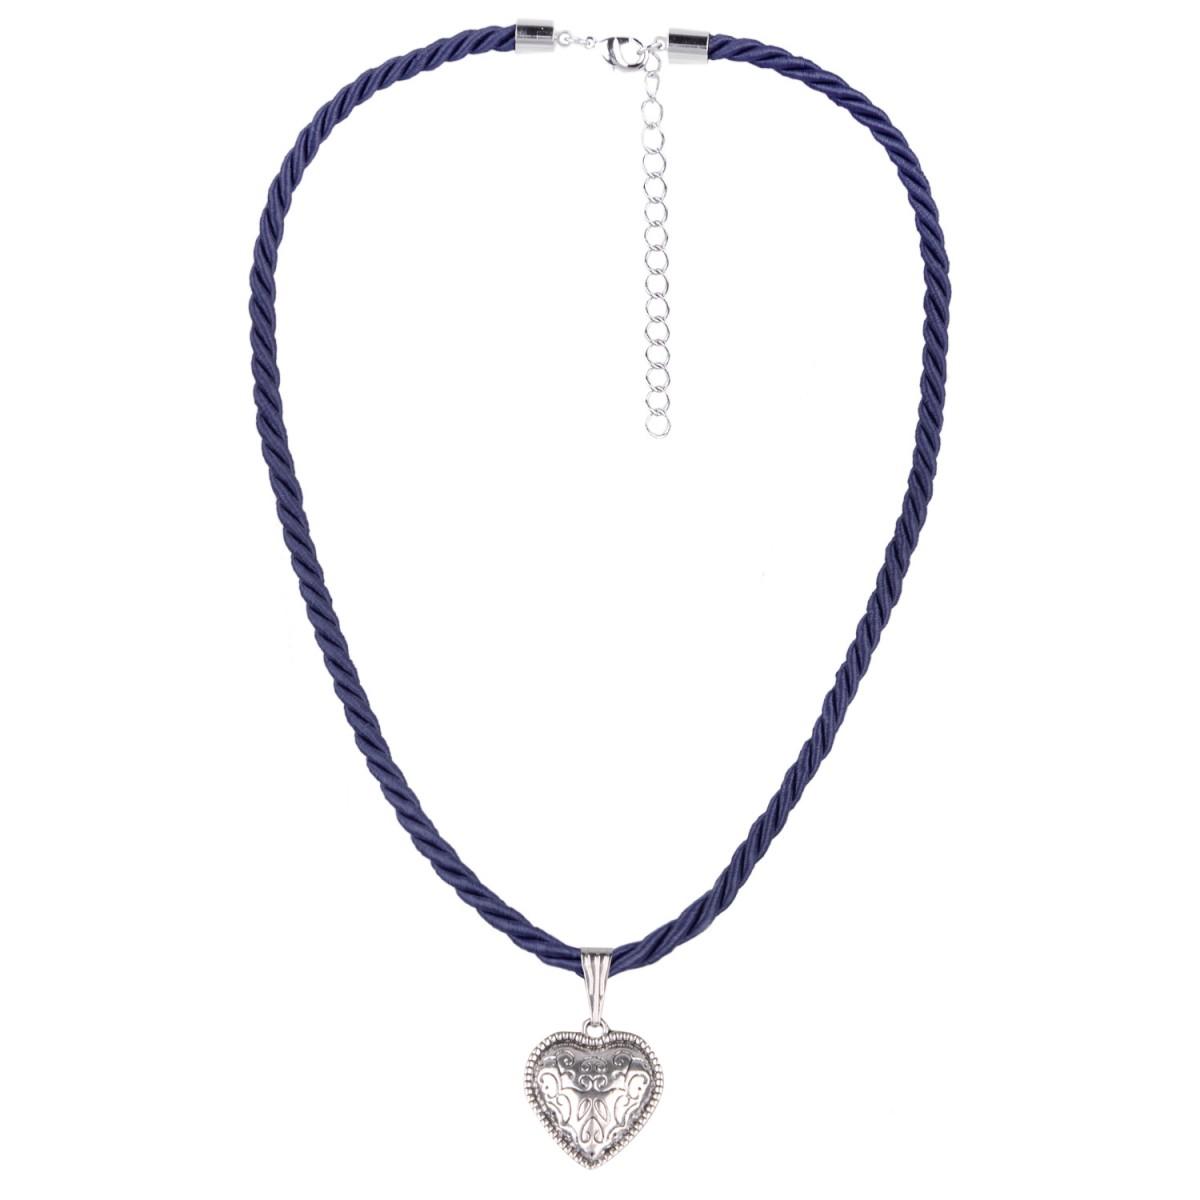 Kordelkette mit kleinem Herz in Dunkelblau von Schlick Accessories günstig online kaufen